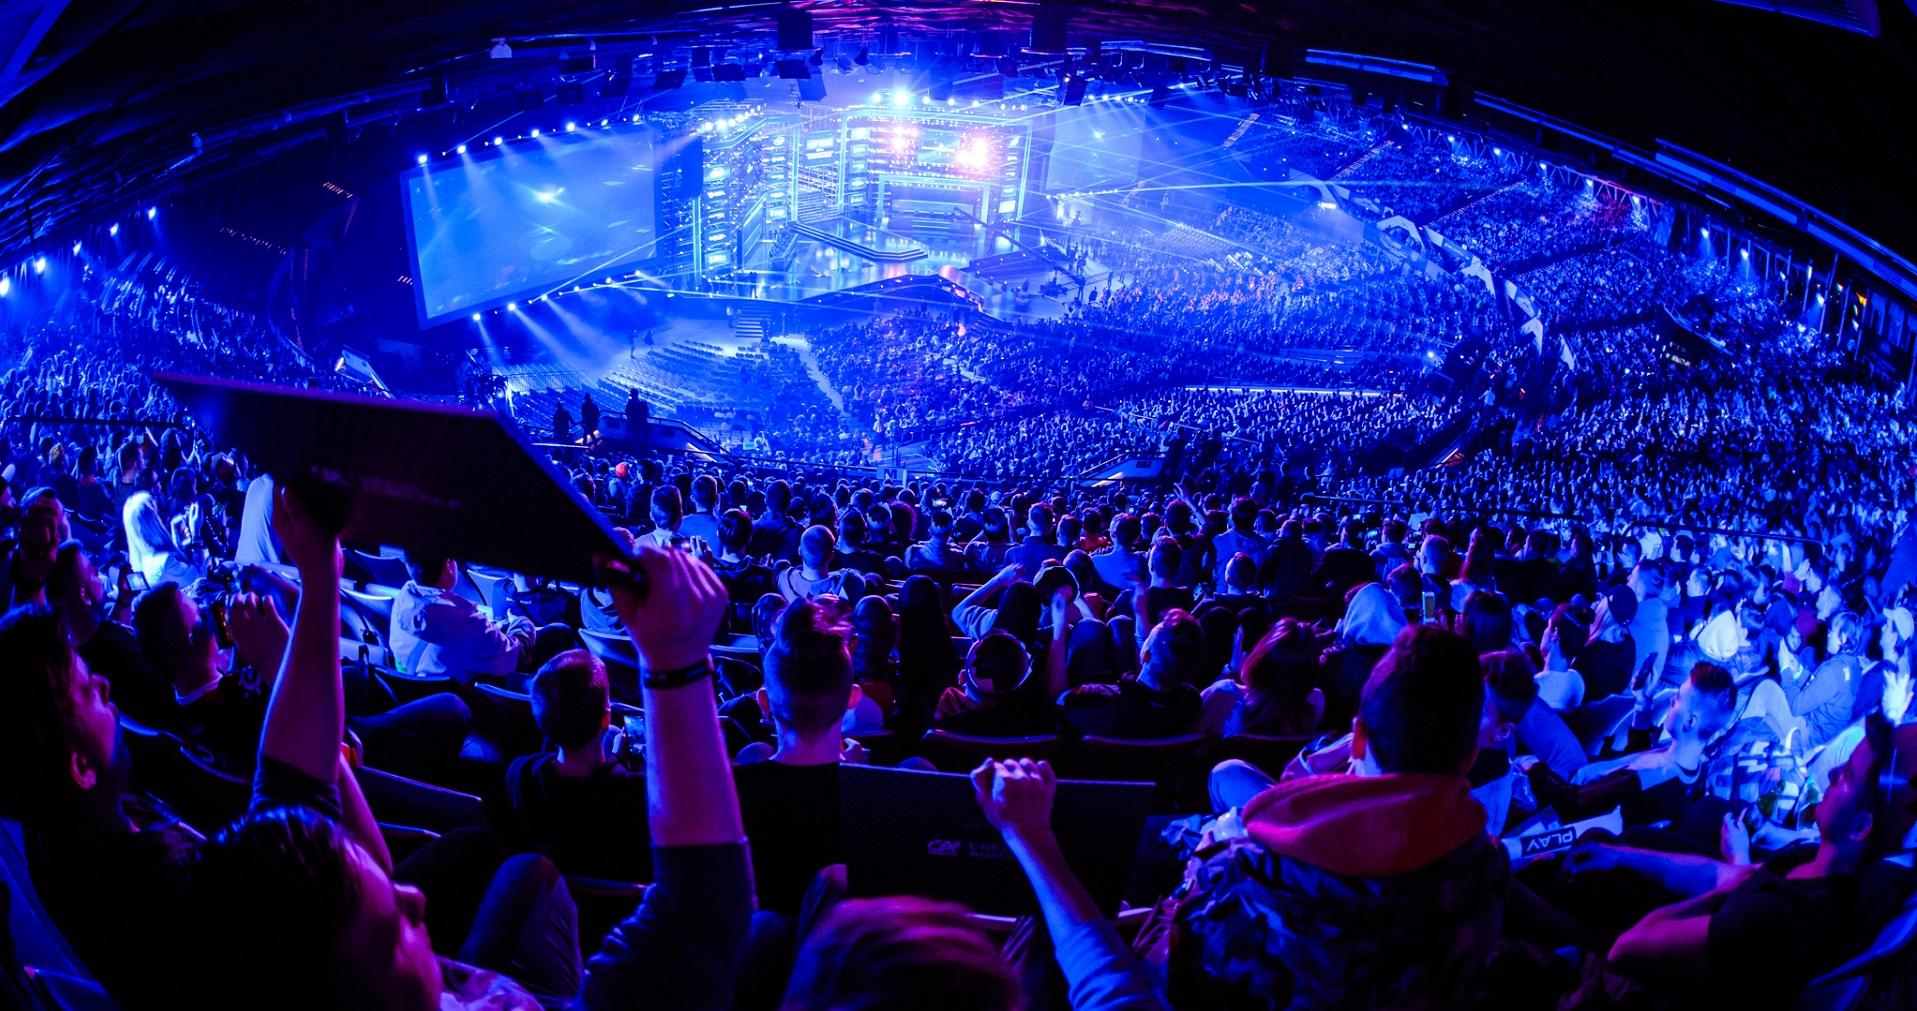 Как будет меняться аудитория киберспорта?